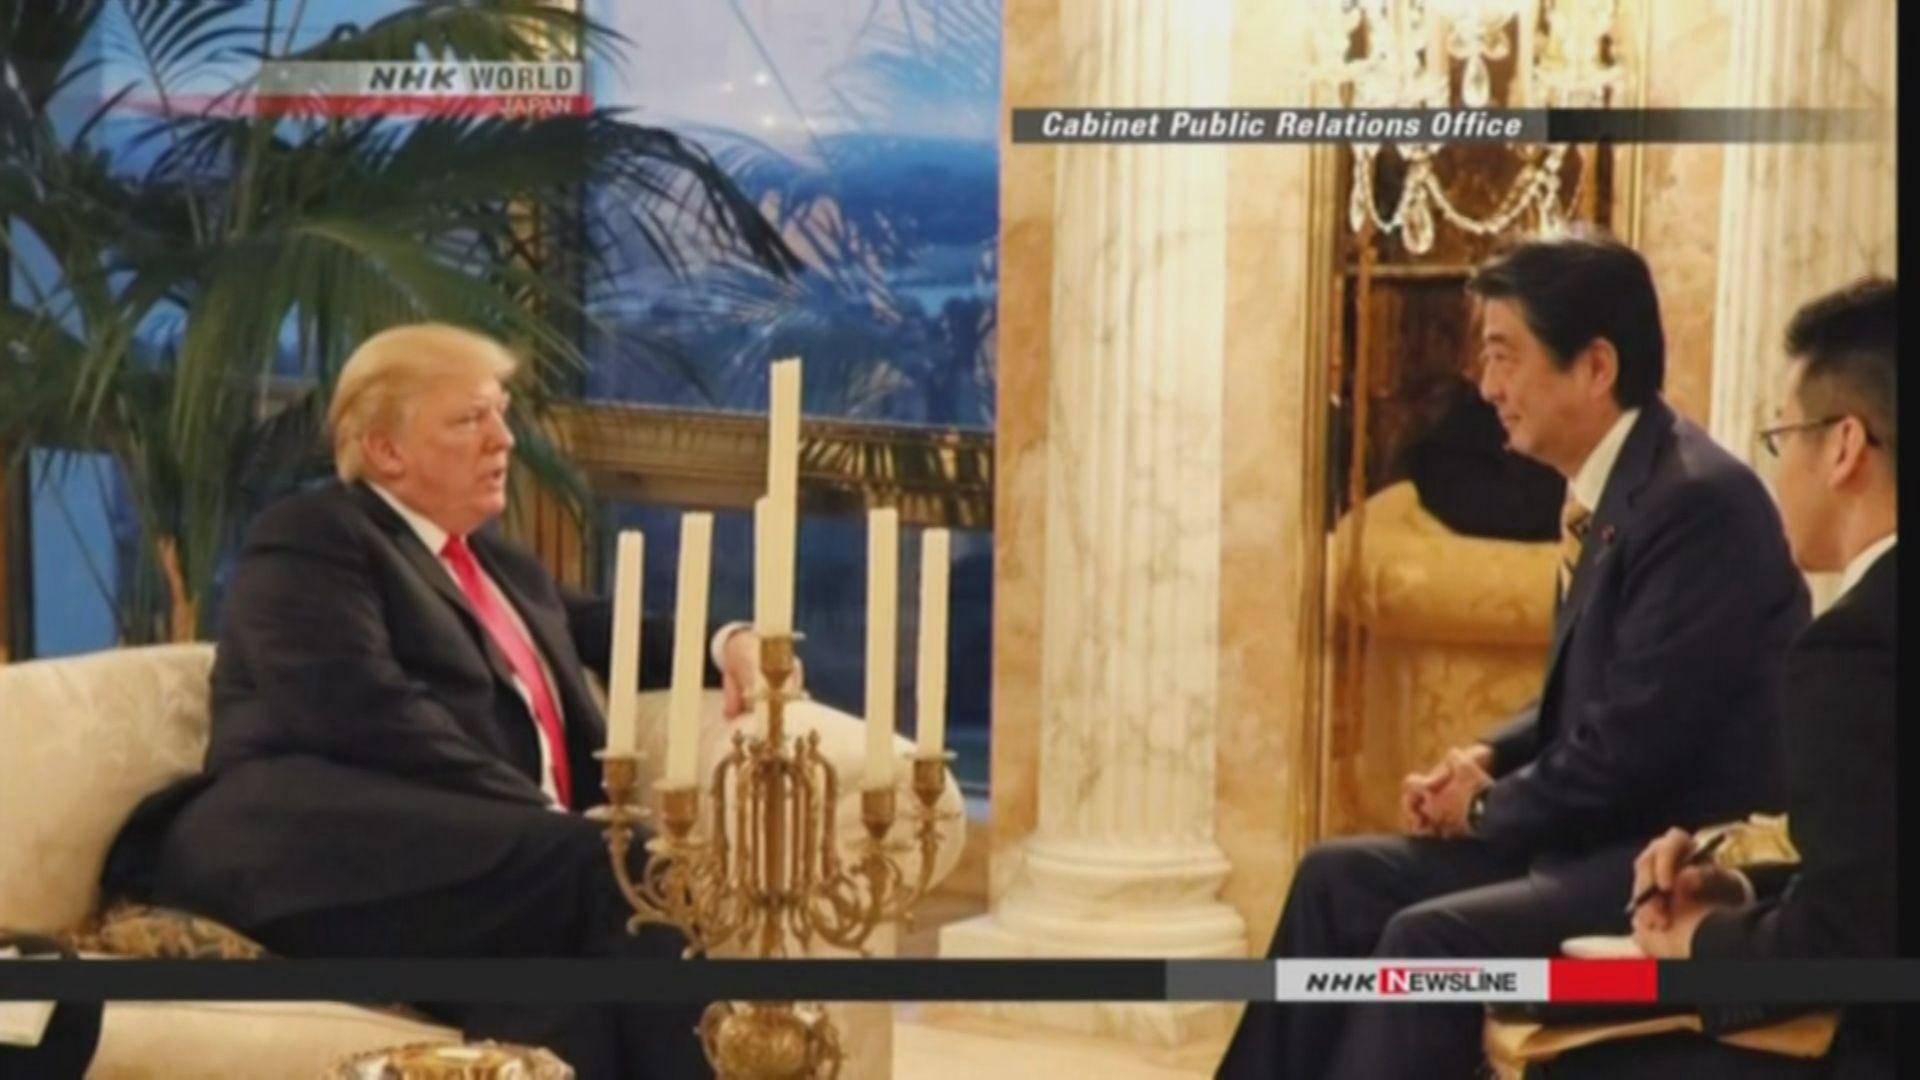 特朗普與安倍晉三商北韓及經貿等議題